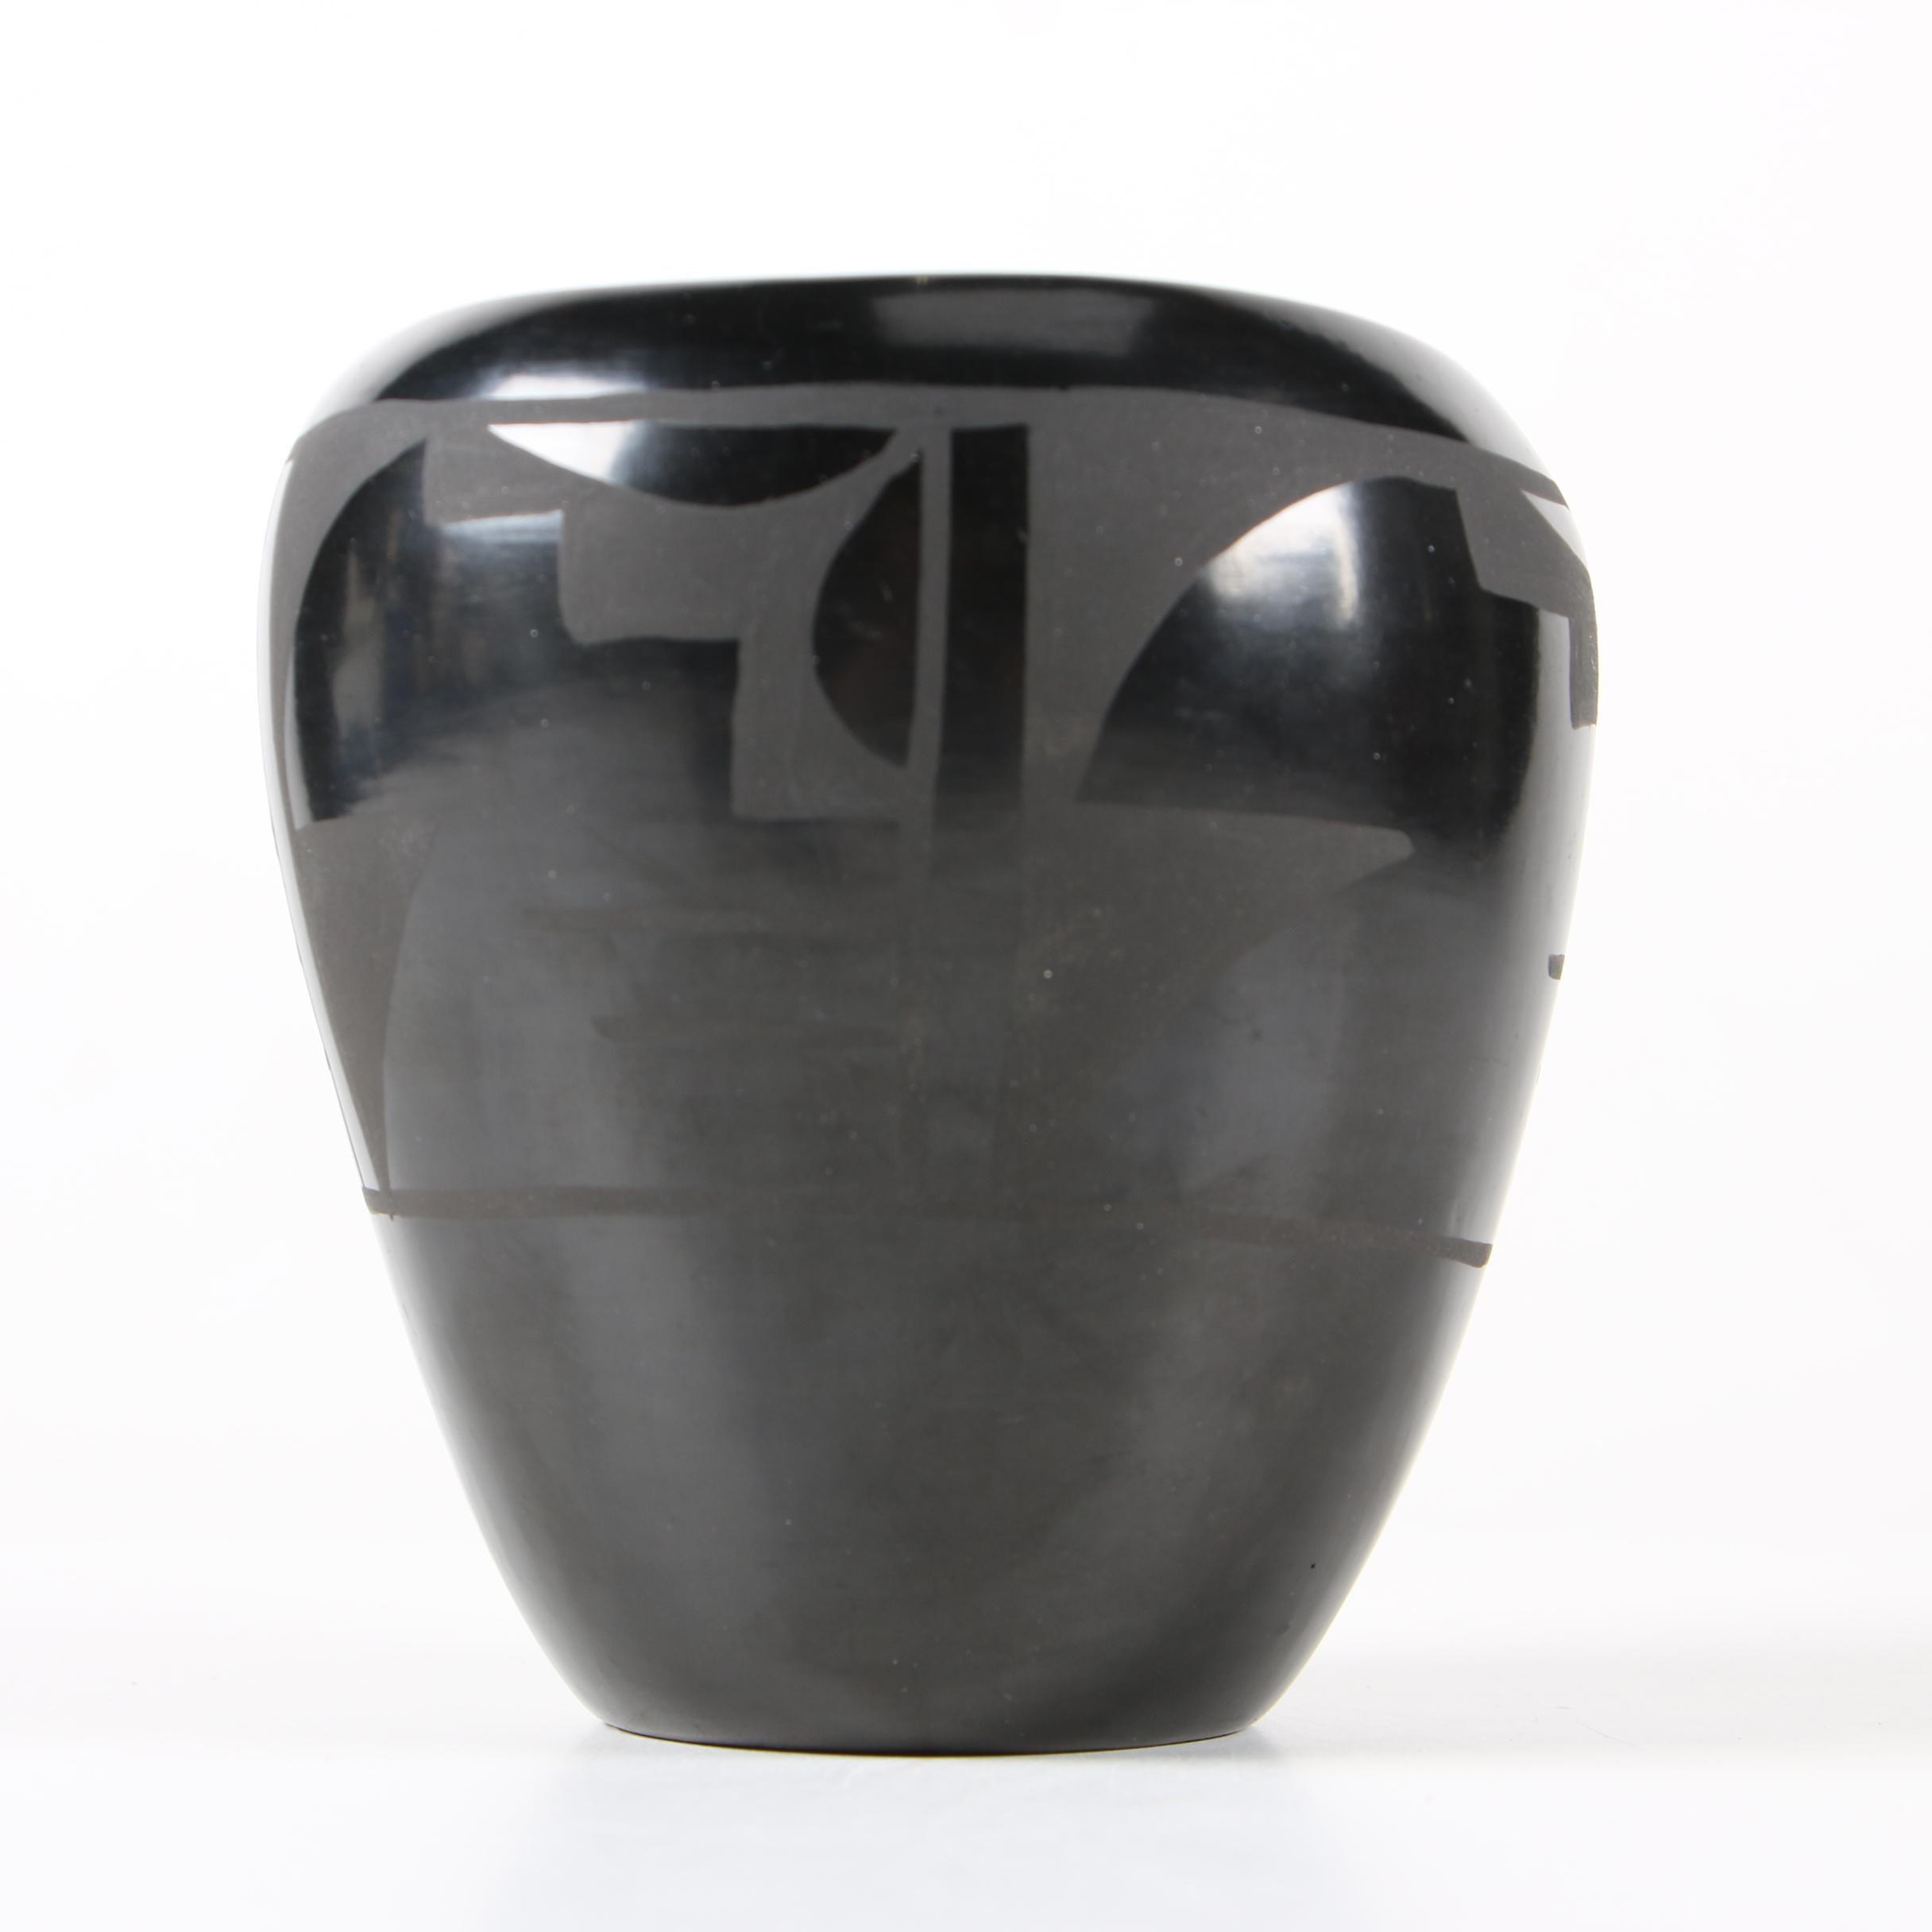 Burnished Blackware San Ildefonso Style Earthenware Vase